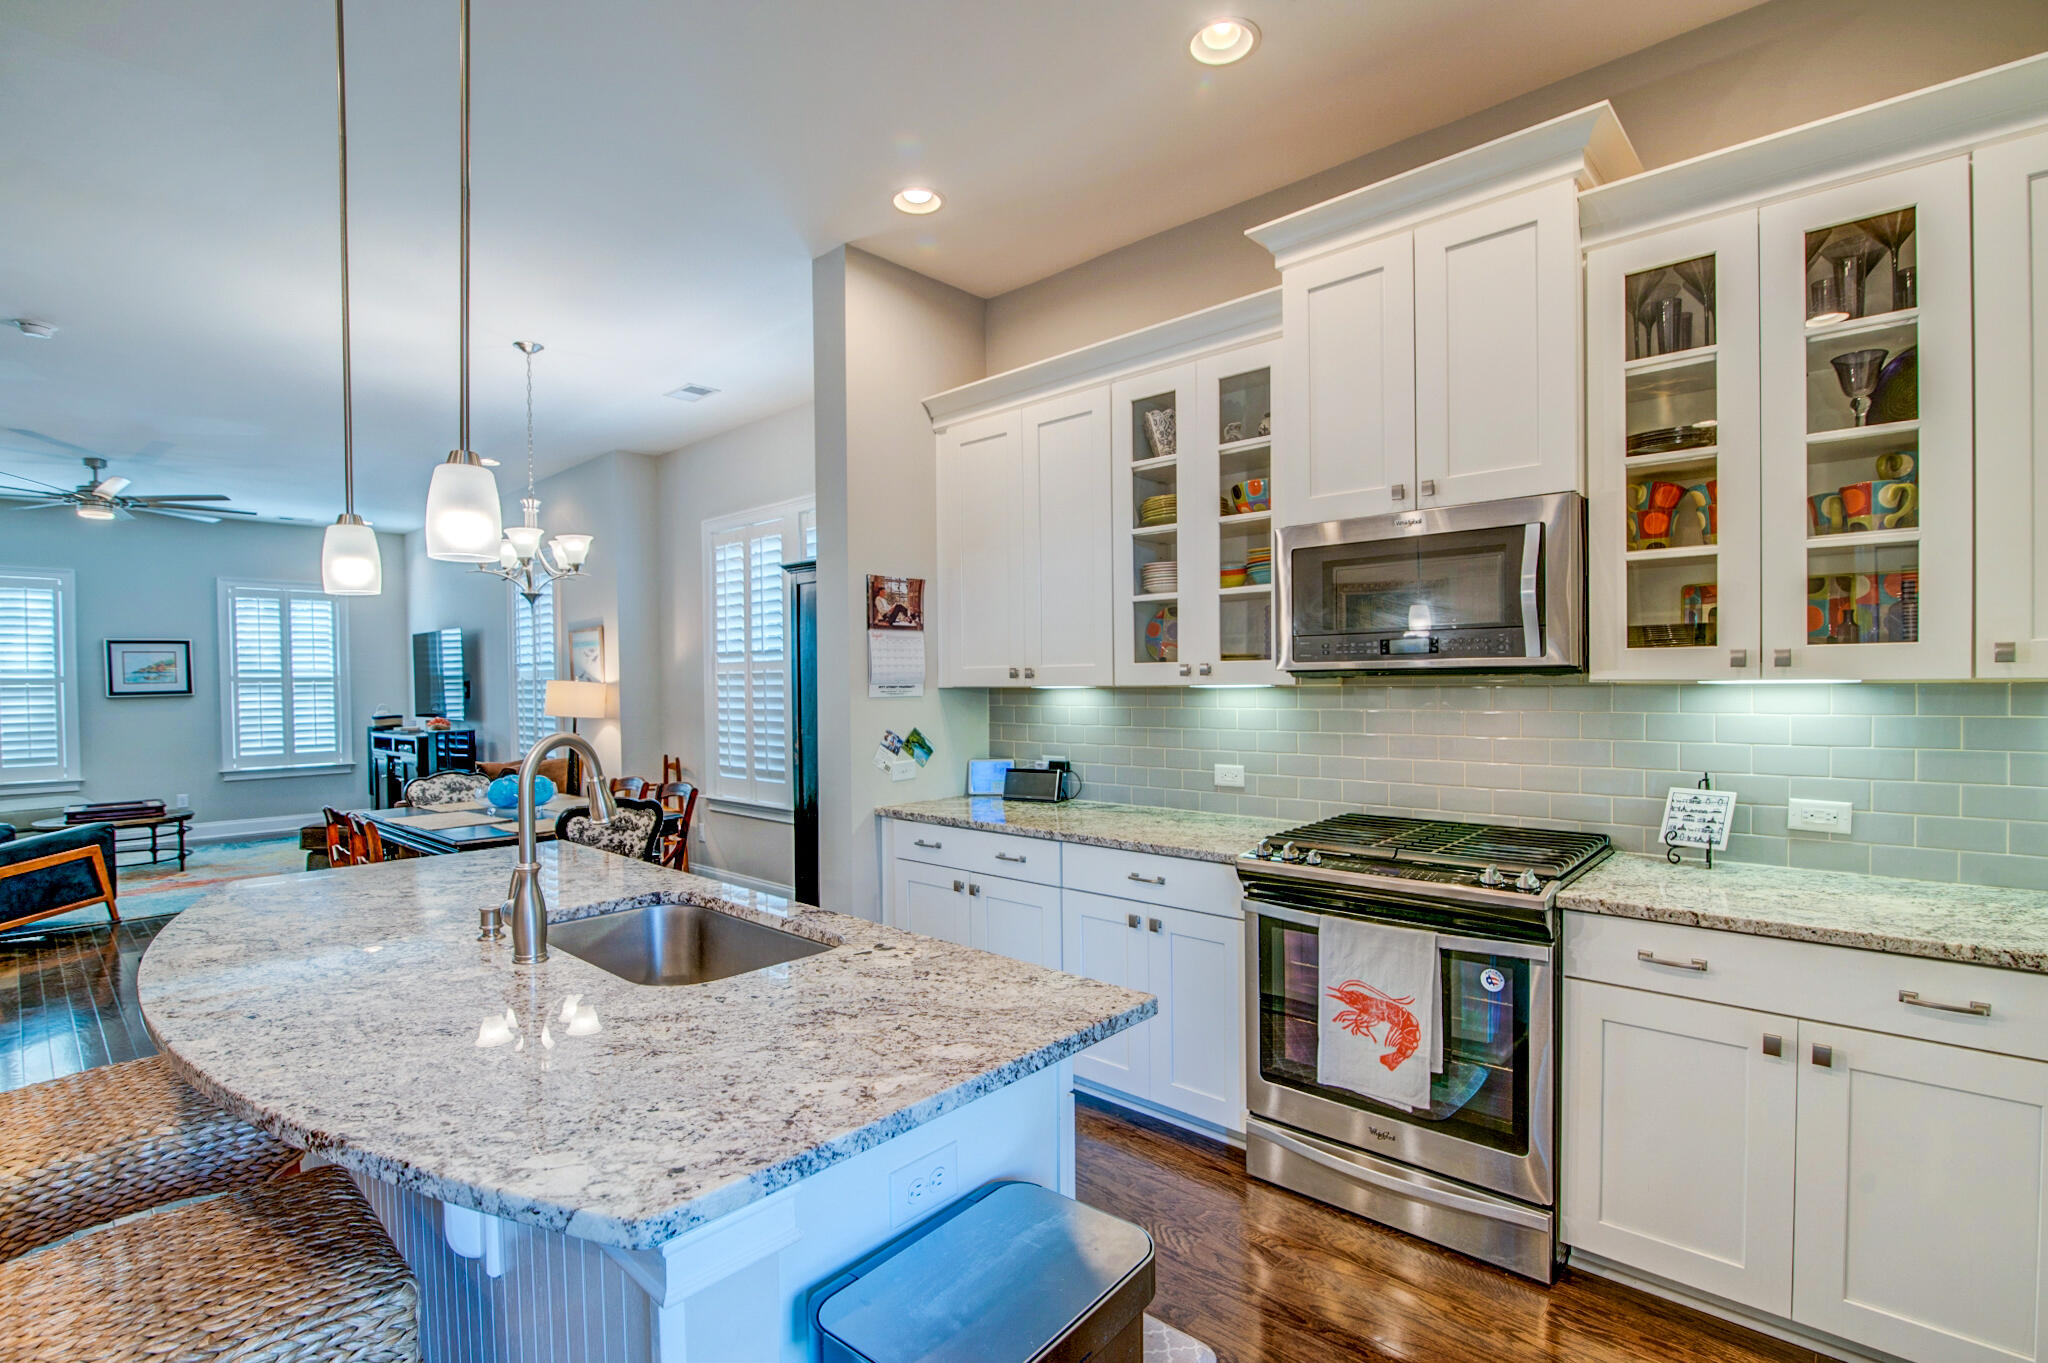 Whitesides Park Homes For Sale - 1102 Alagash Way, Mount Pleasant, SC - 19